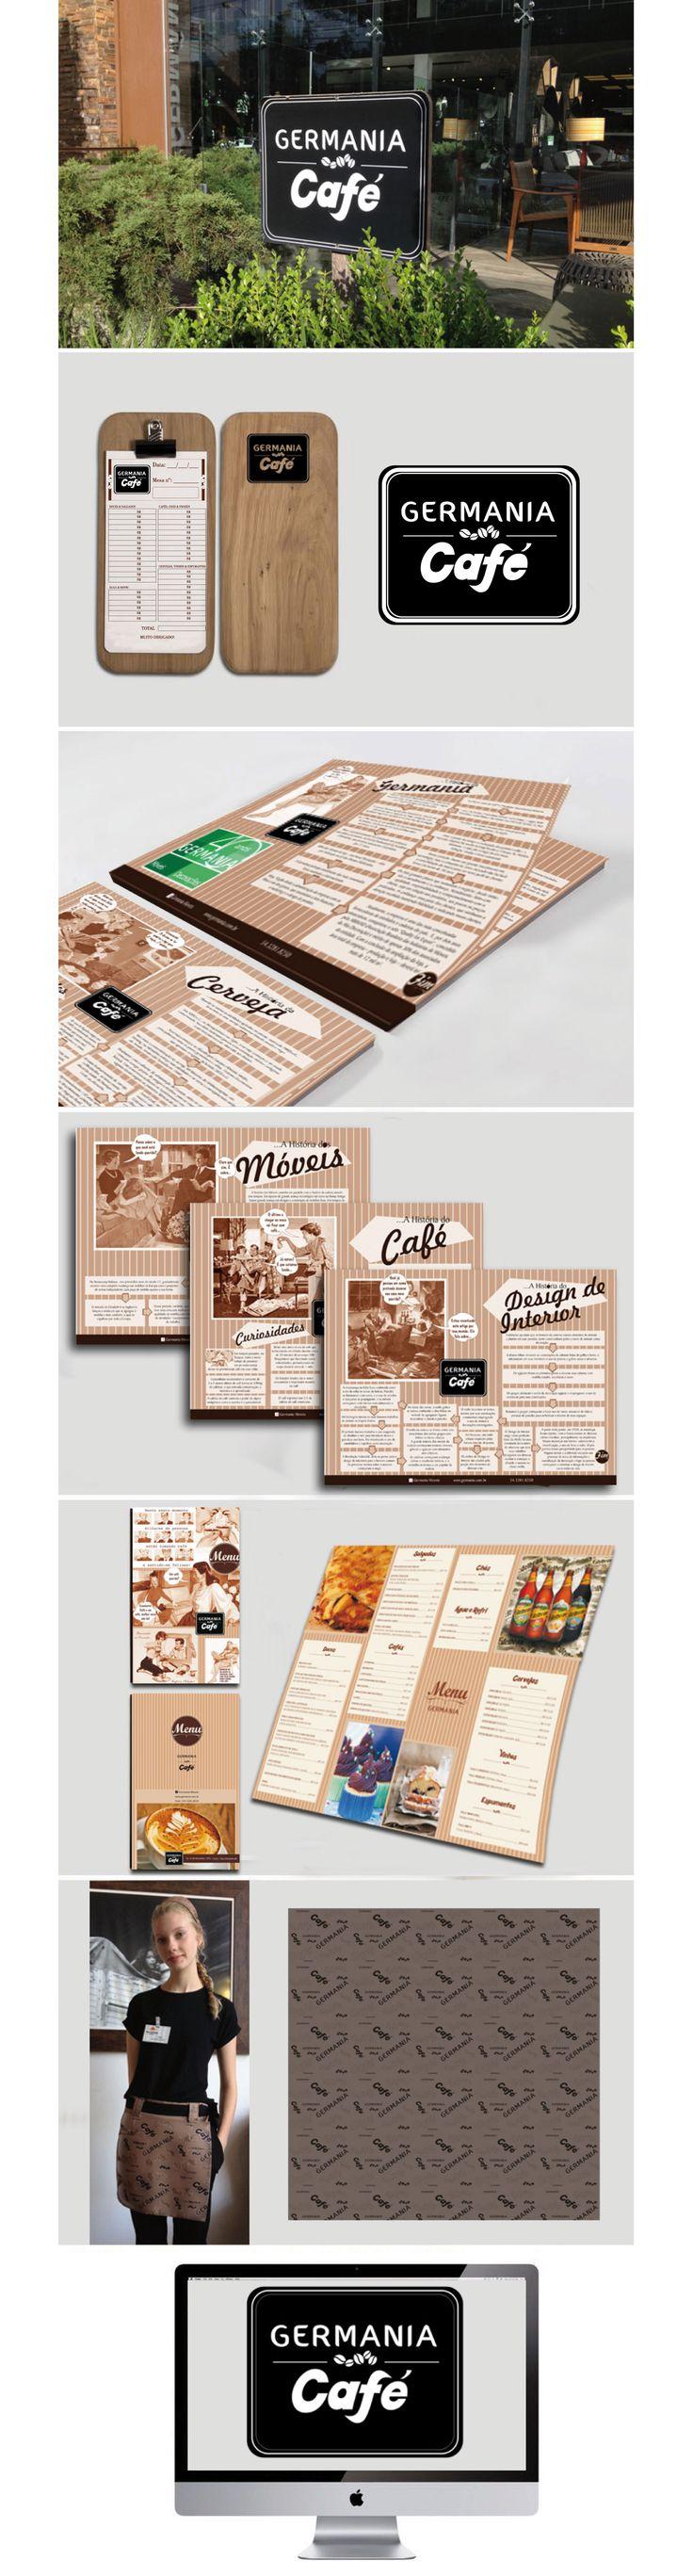 Identidade visual, Café Germania.  Design: Paulo Cesar Soares - P&L Criações.